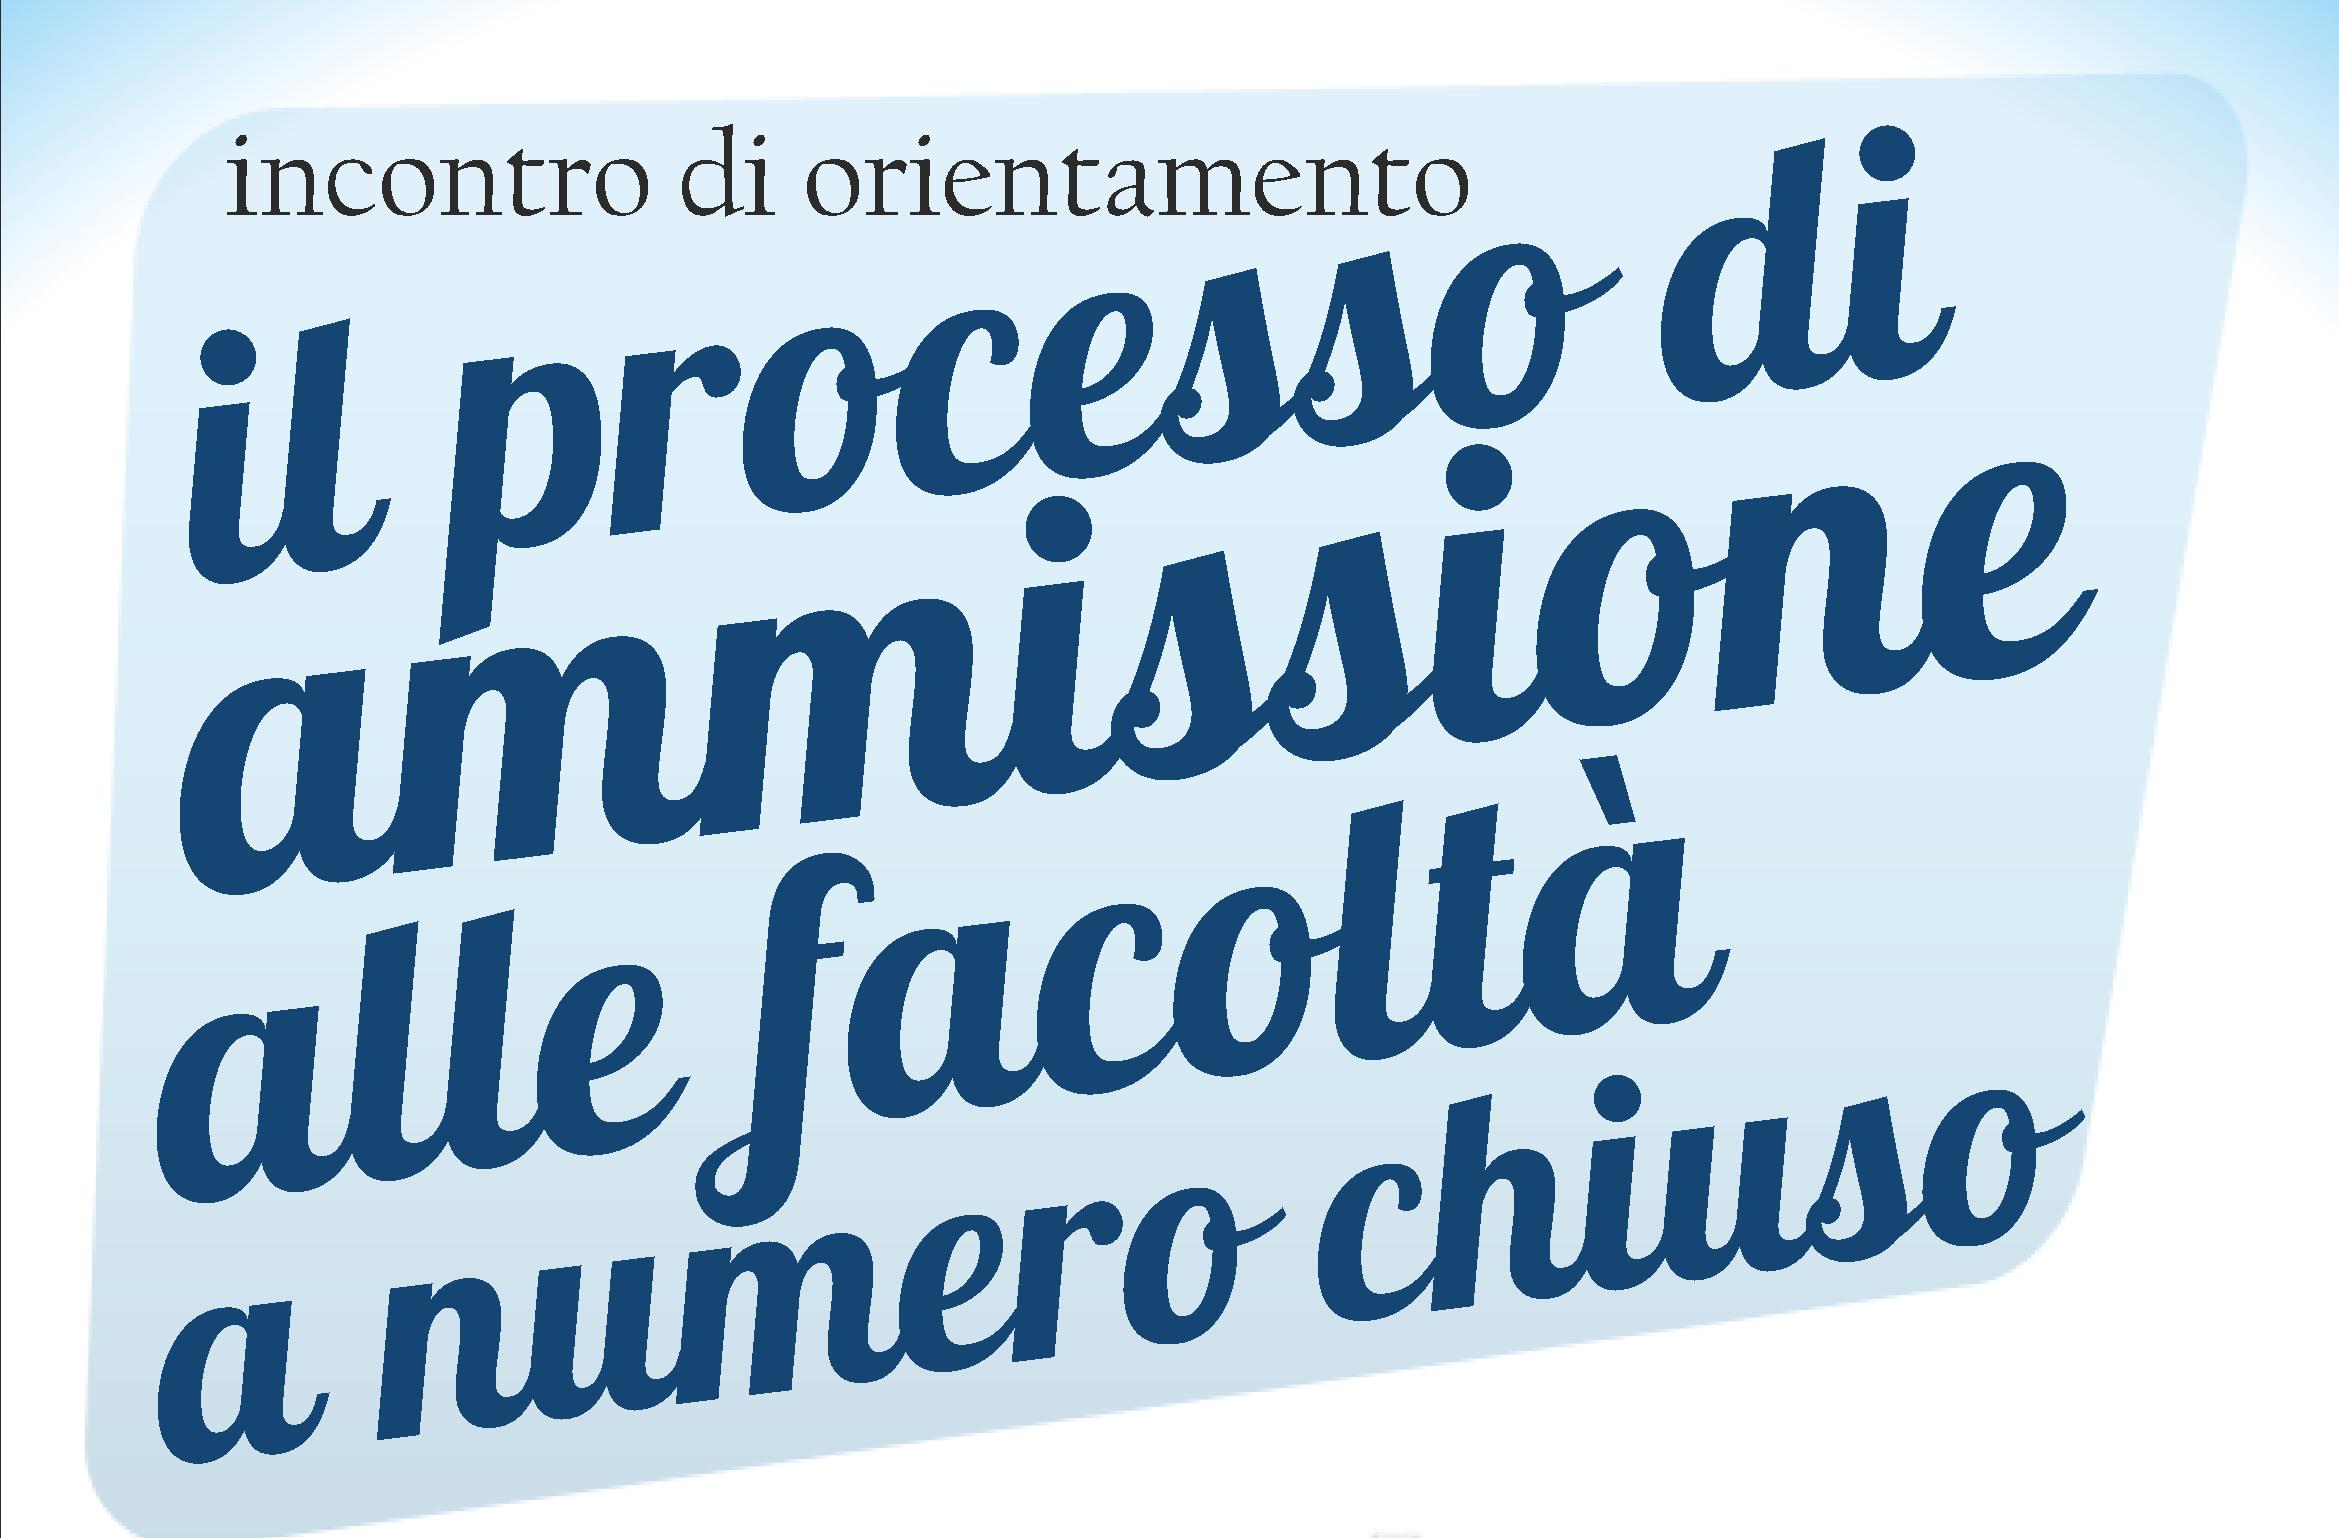 Orientamento Test di Ammissione nelle scuole: risultati Sturzo e Severi di Castellammare